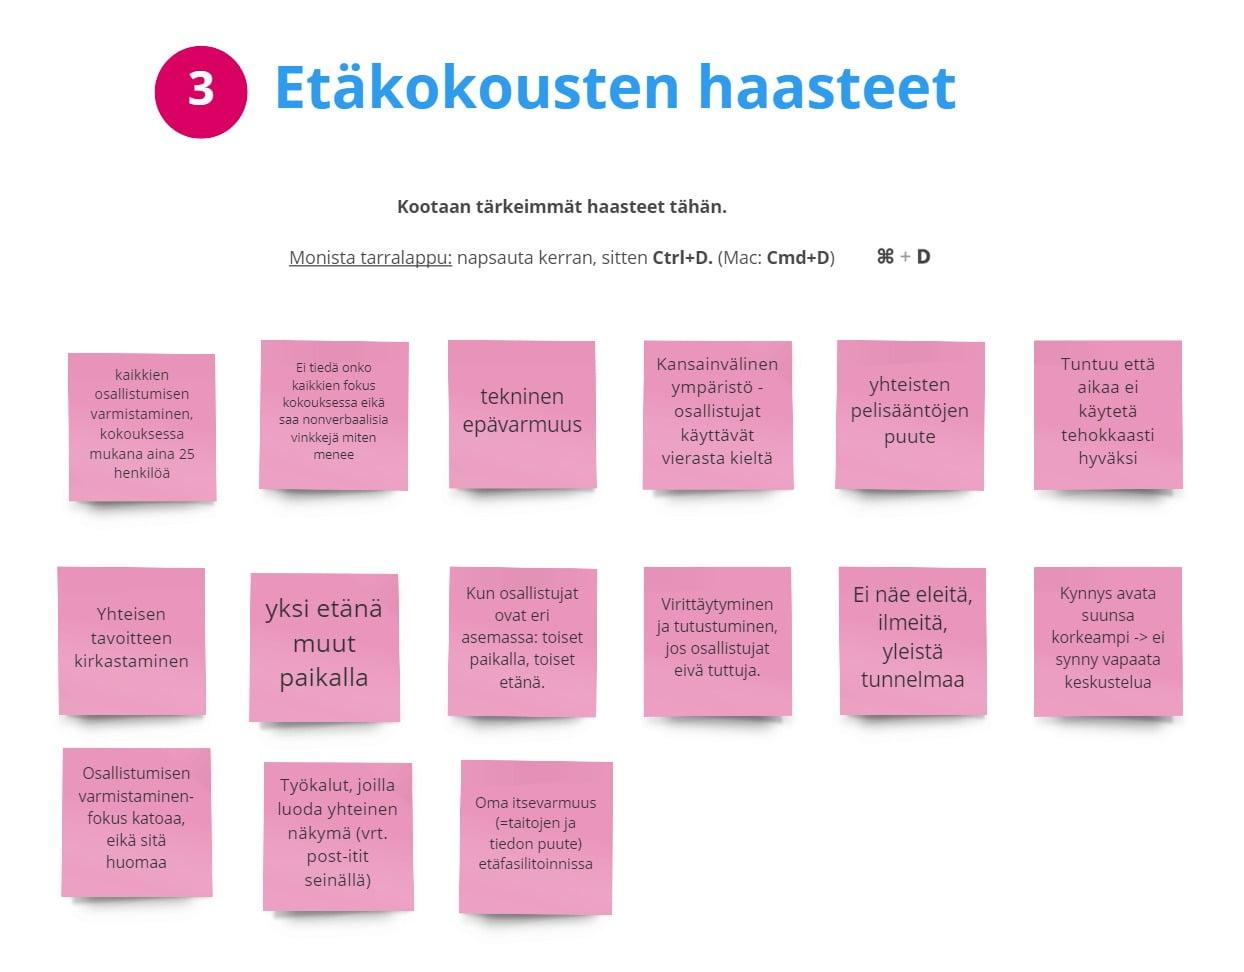 Etäkokousten haasteet: visualisointi. Vinkki: käytä chattia, Word-dokumenttia tai digitaalista valkotaulua keskustelun visualisoimiseen.